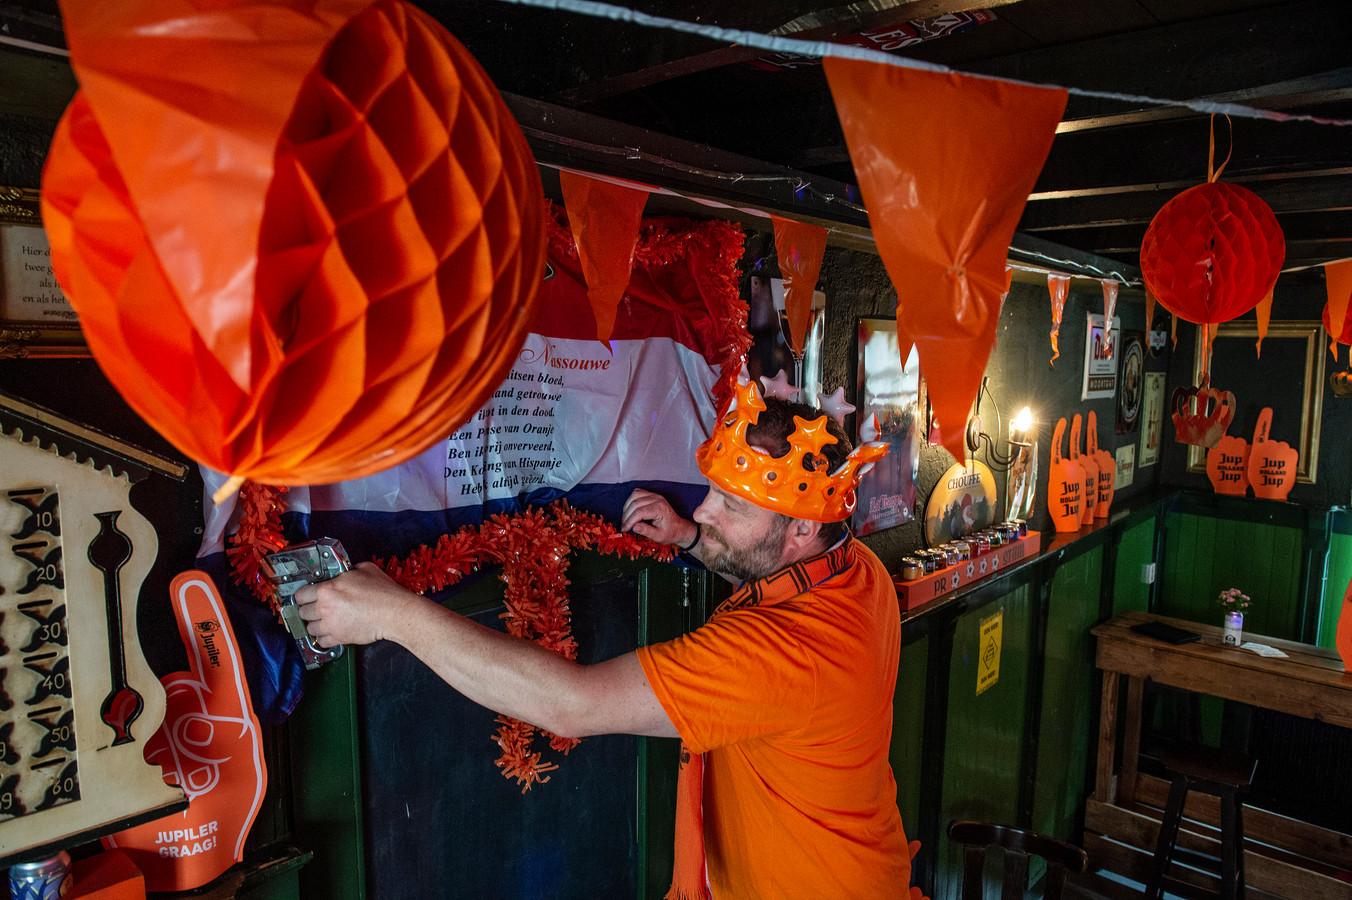 """In de dorpen in de omgeving staan de lichten allang op groen voor Oranje. Speciaalbiercafé De Veerkes in Moergestel kleurt deze dagen vanbinnen oranje. ,,We hebben altijd fanatiek meegedaan"""", zegt Marc Rijnen."""